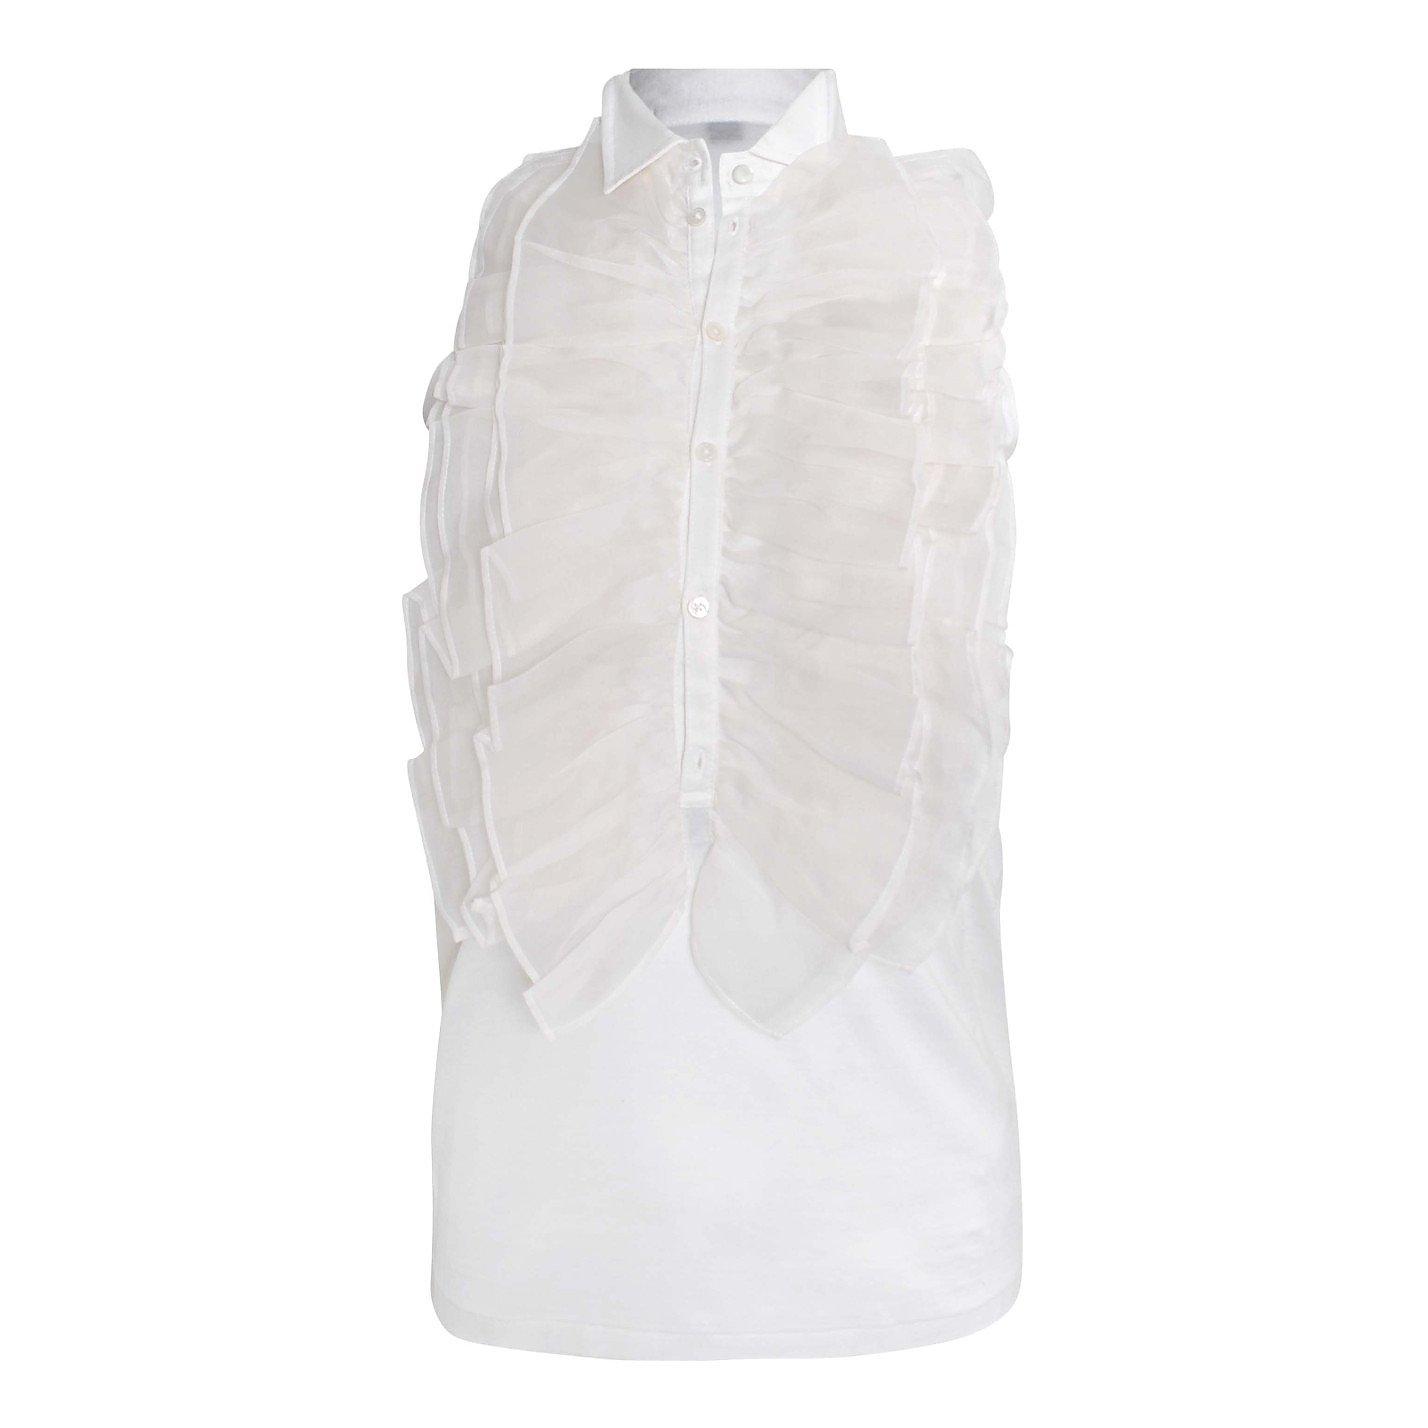 Ralph Lauren Sleeveless Ruffle Shirt